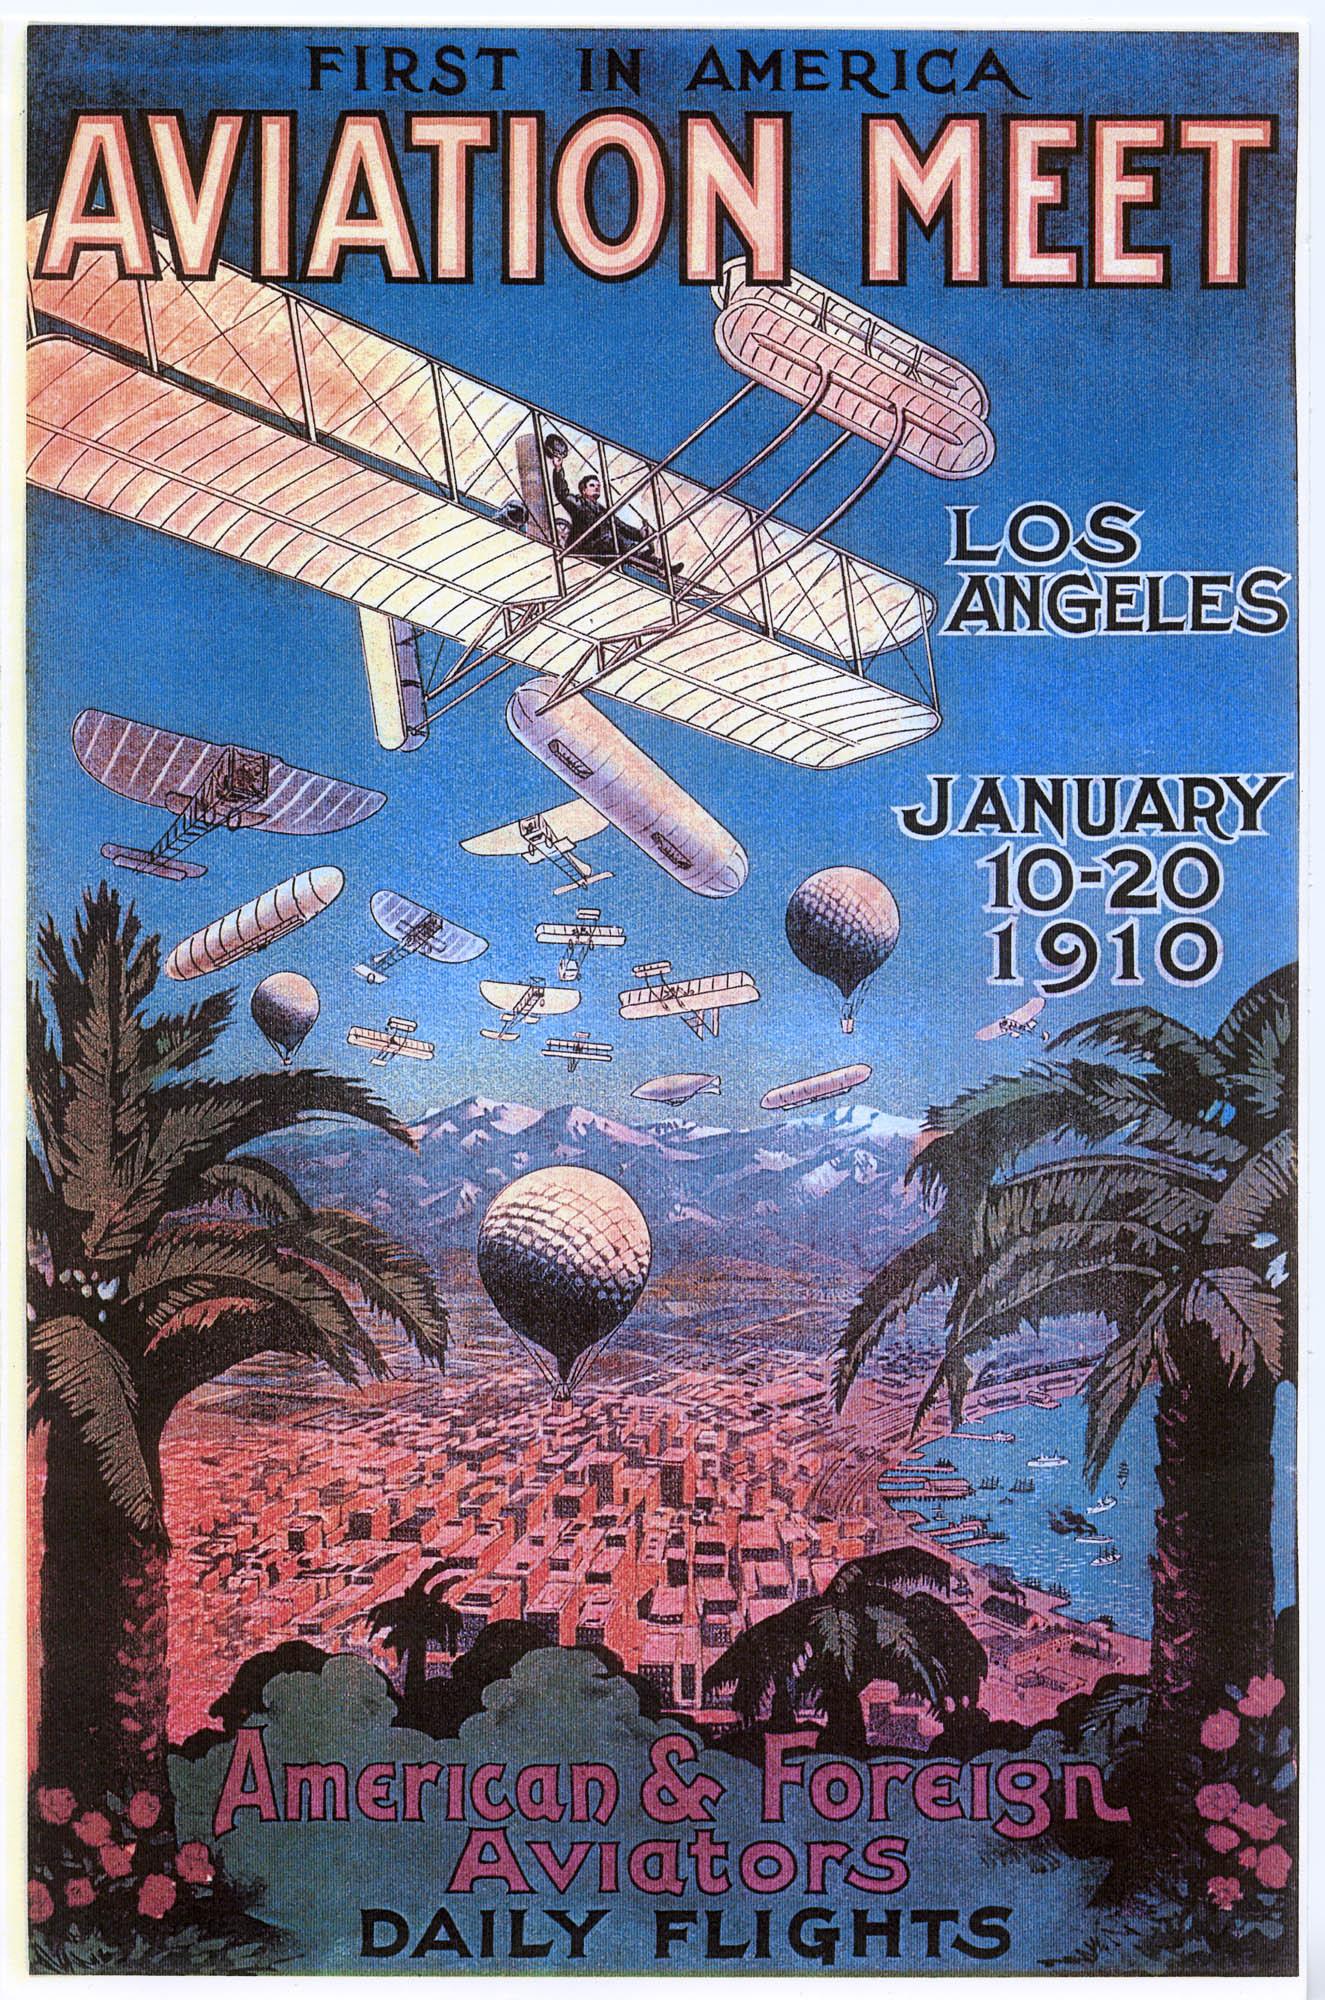 File Airmeet Posterjpg Wikimedia Commons - Los angeles posters vintage